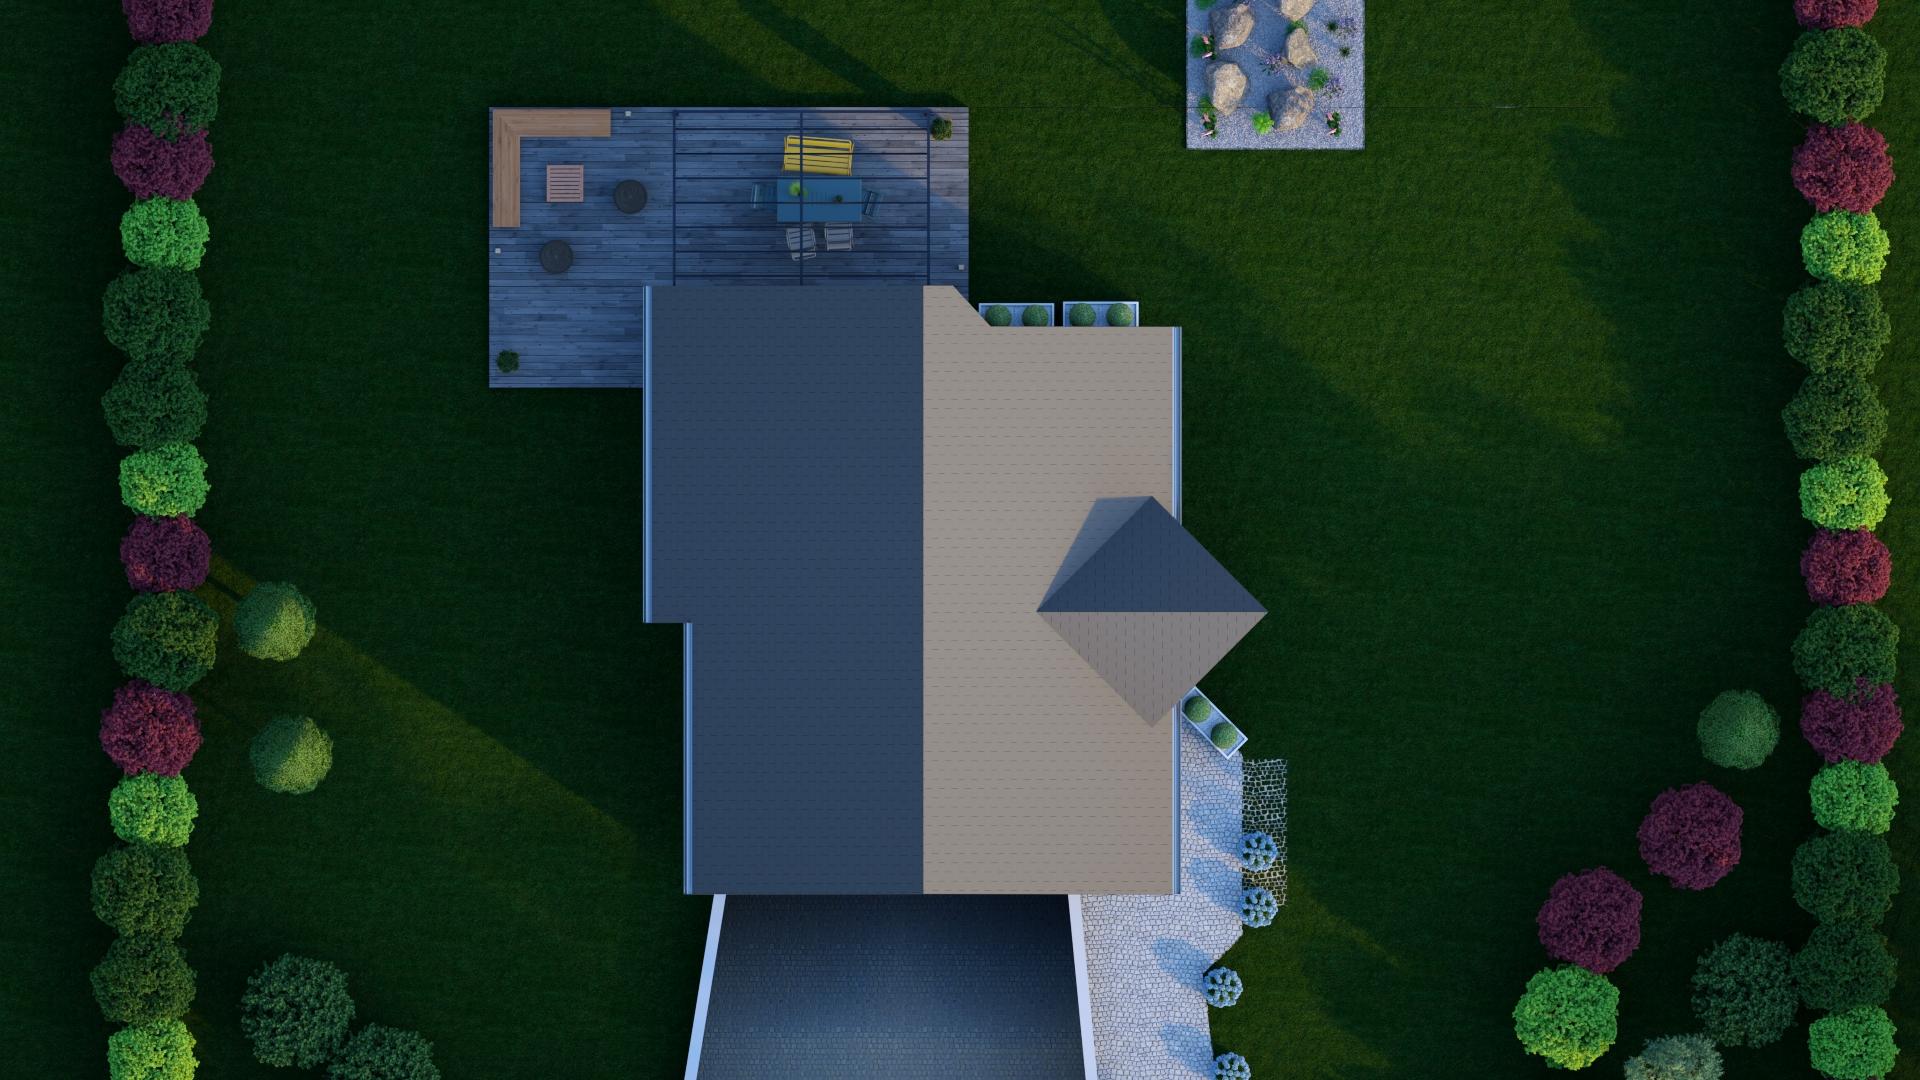 Maison vue de dessus